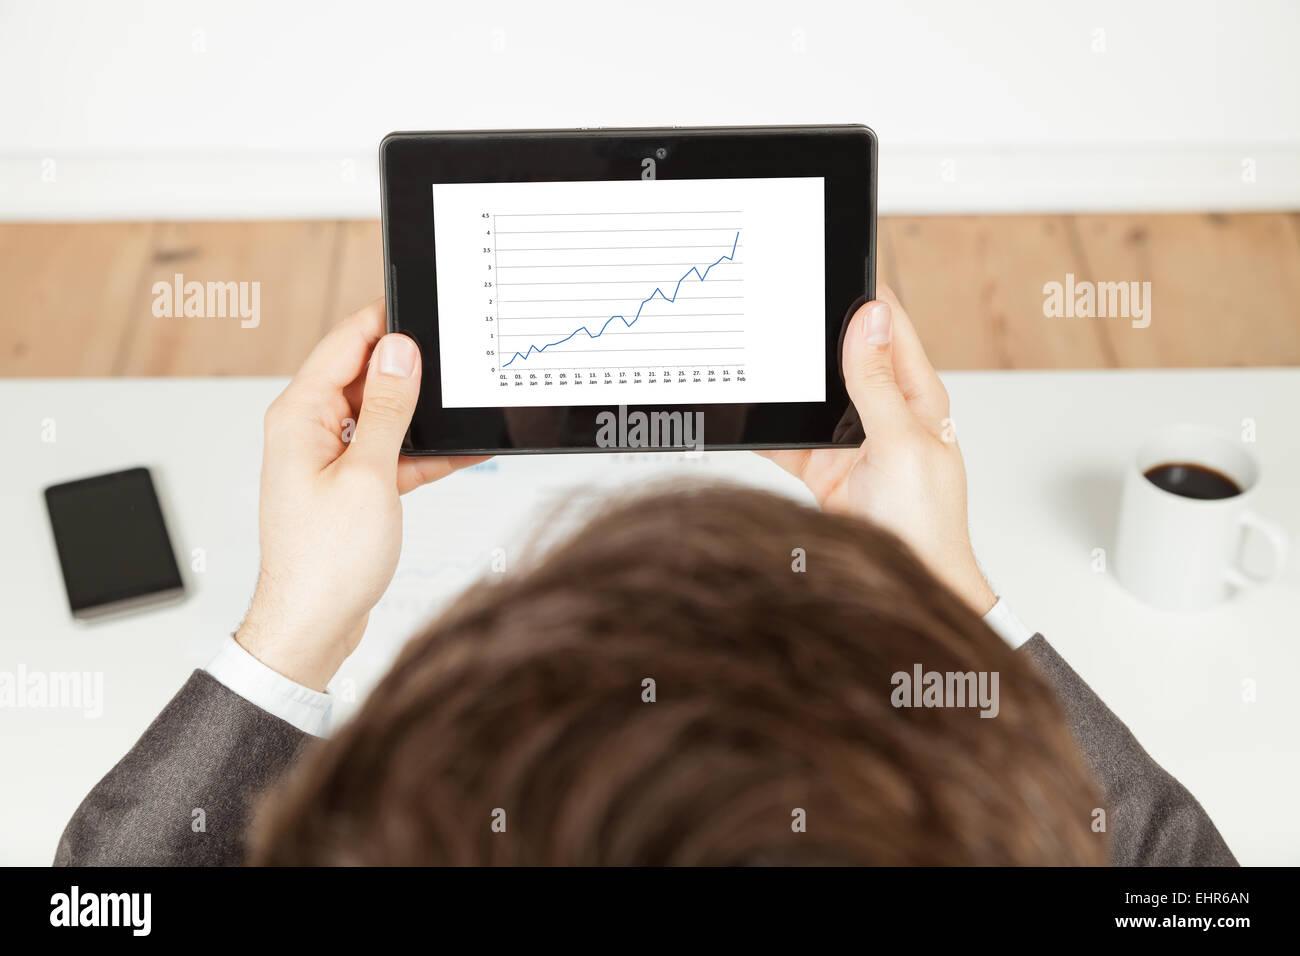 Man holding tablet tablette graphique sur de plus en plus Banque D'Images